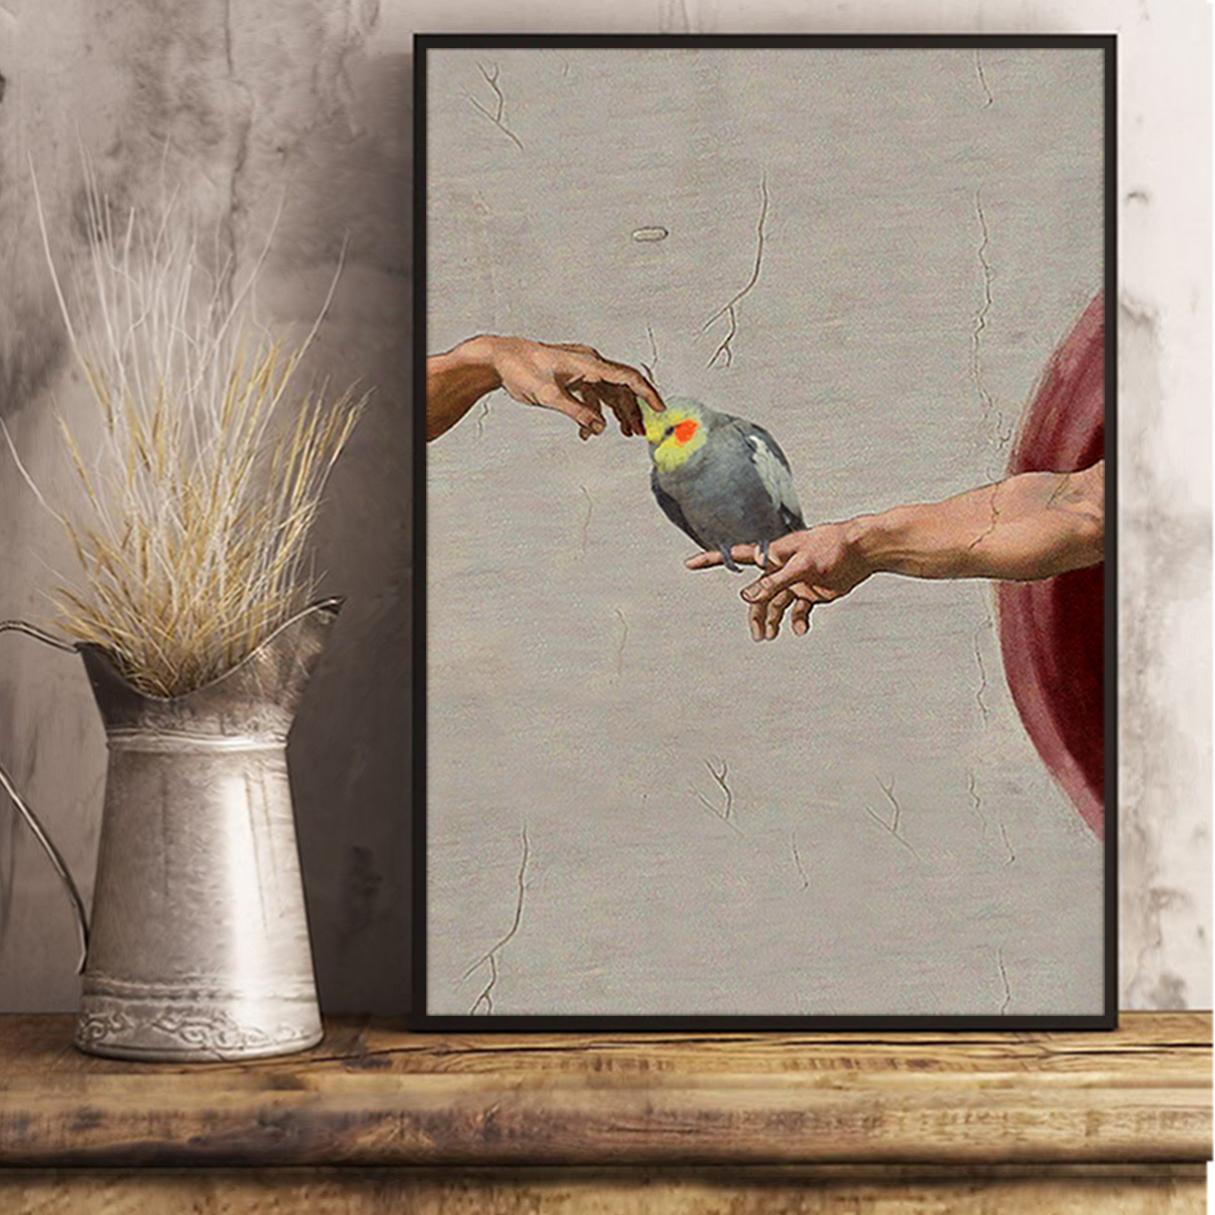 Cockatiel creation of adam poster A3